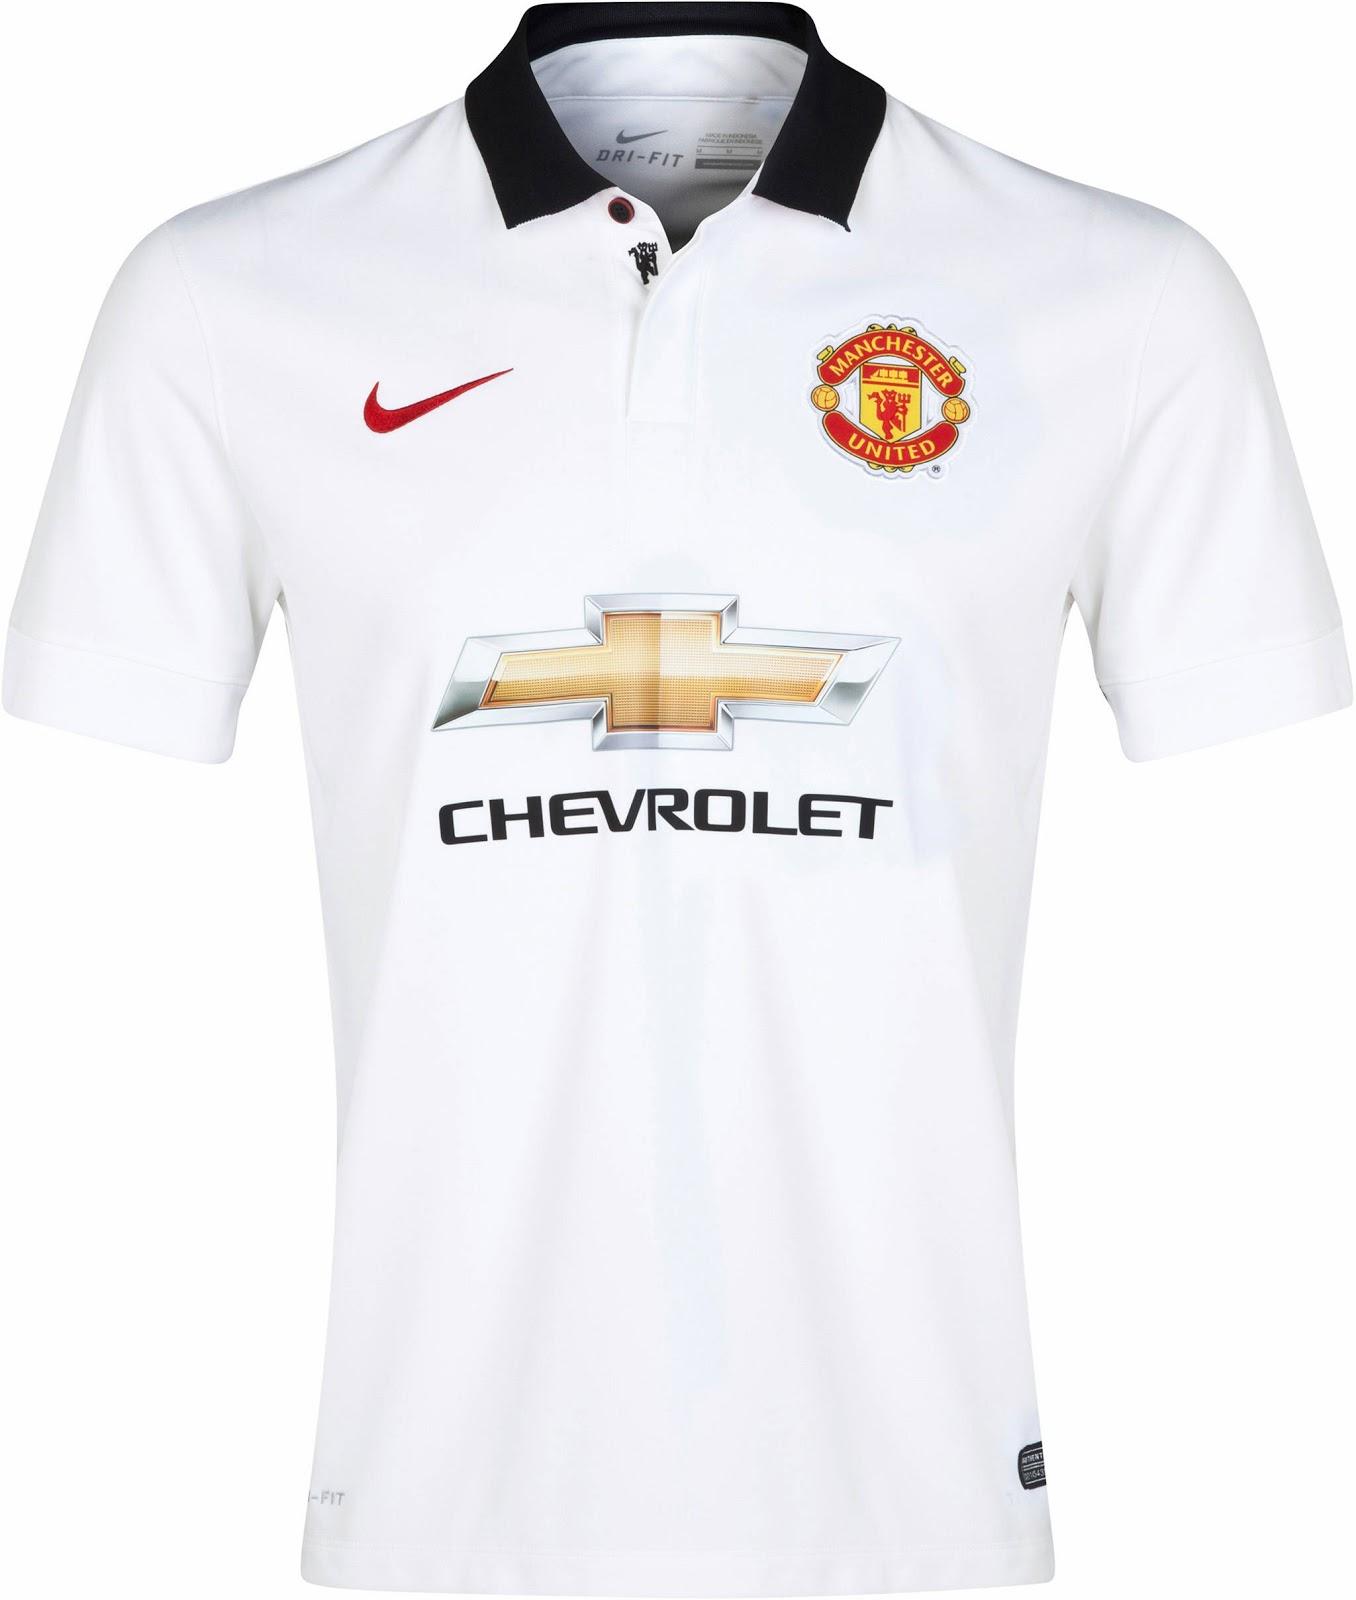 Quần áo bóng đá Manchester United sân nhà trắng 2014/15